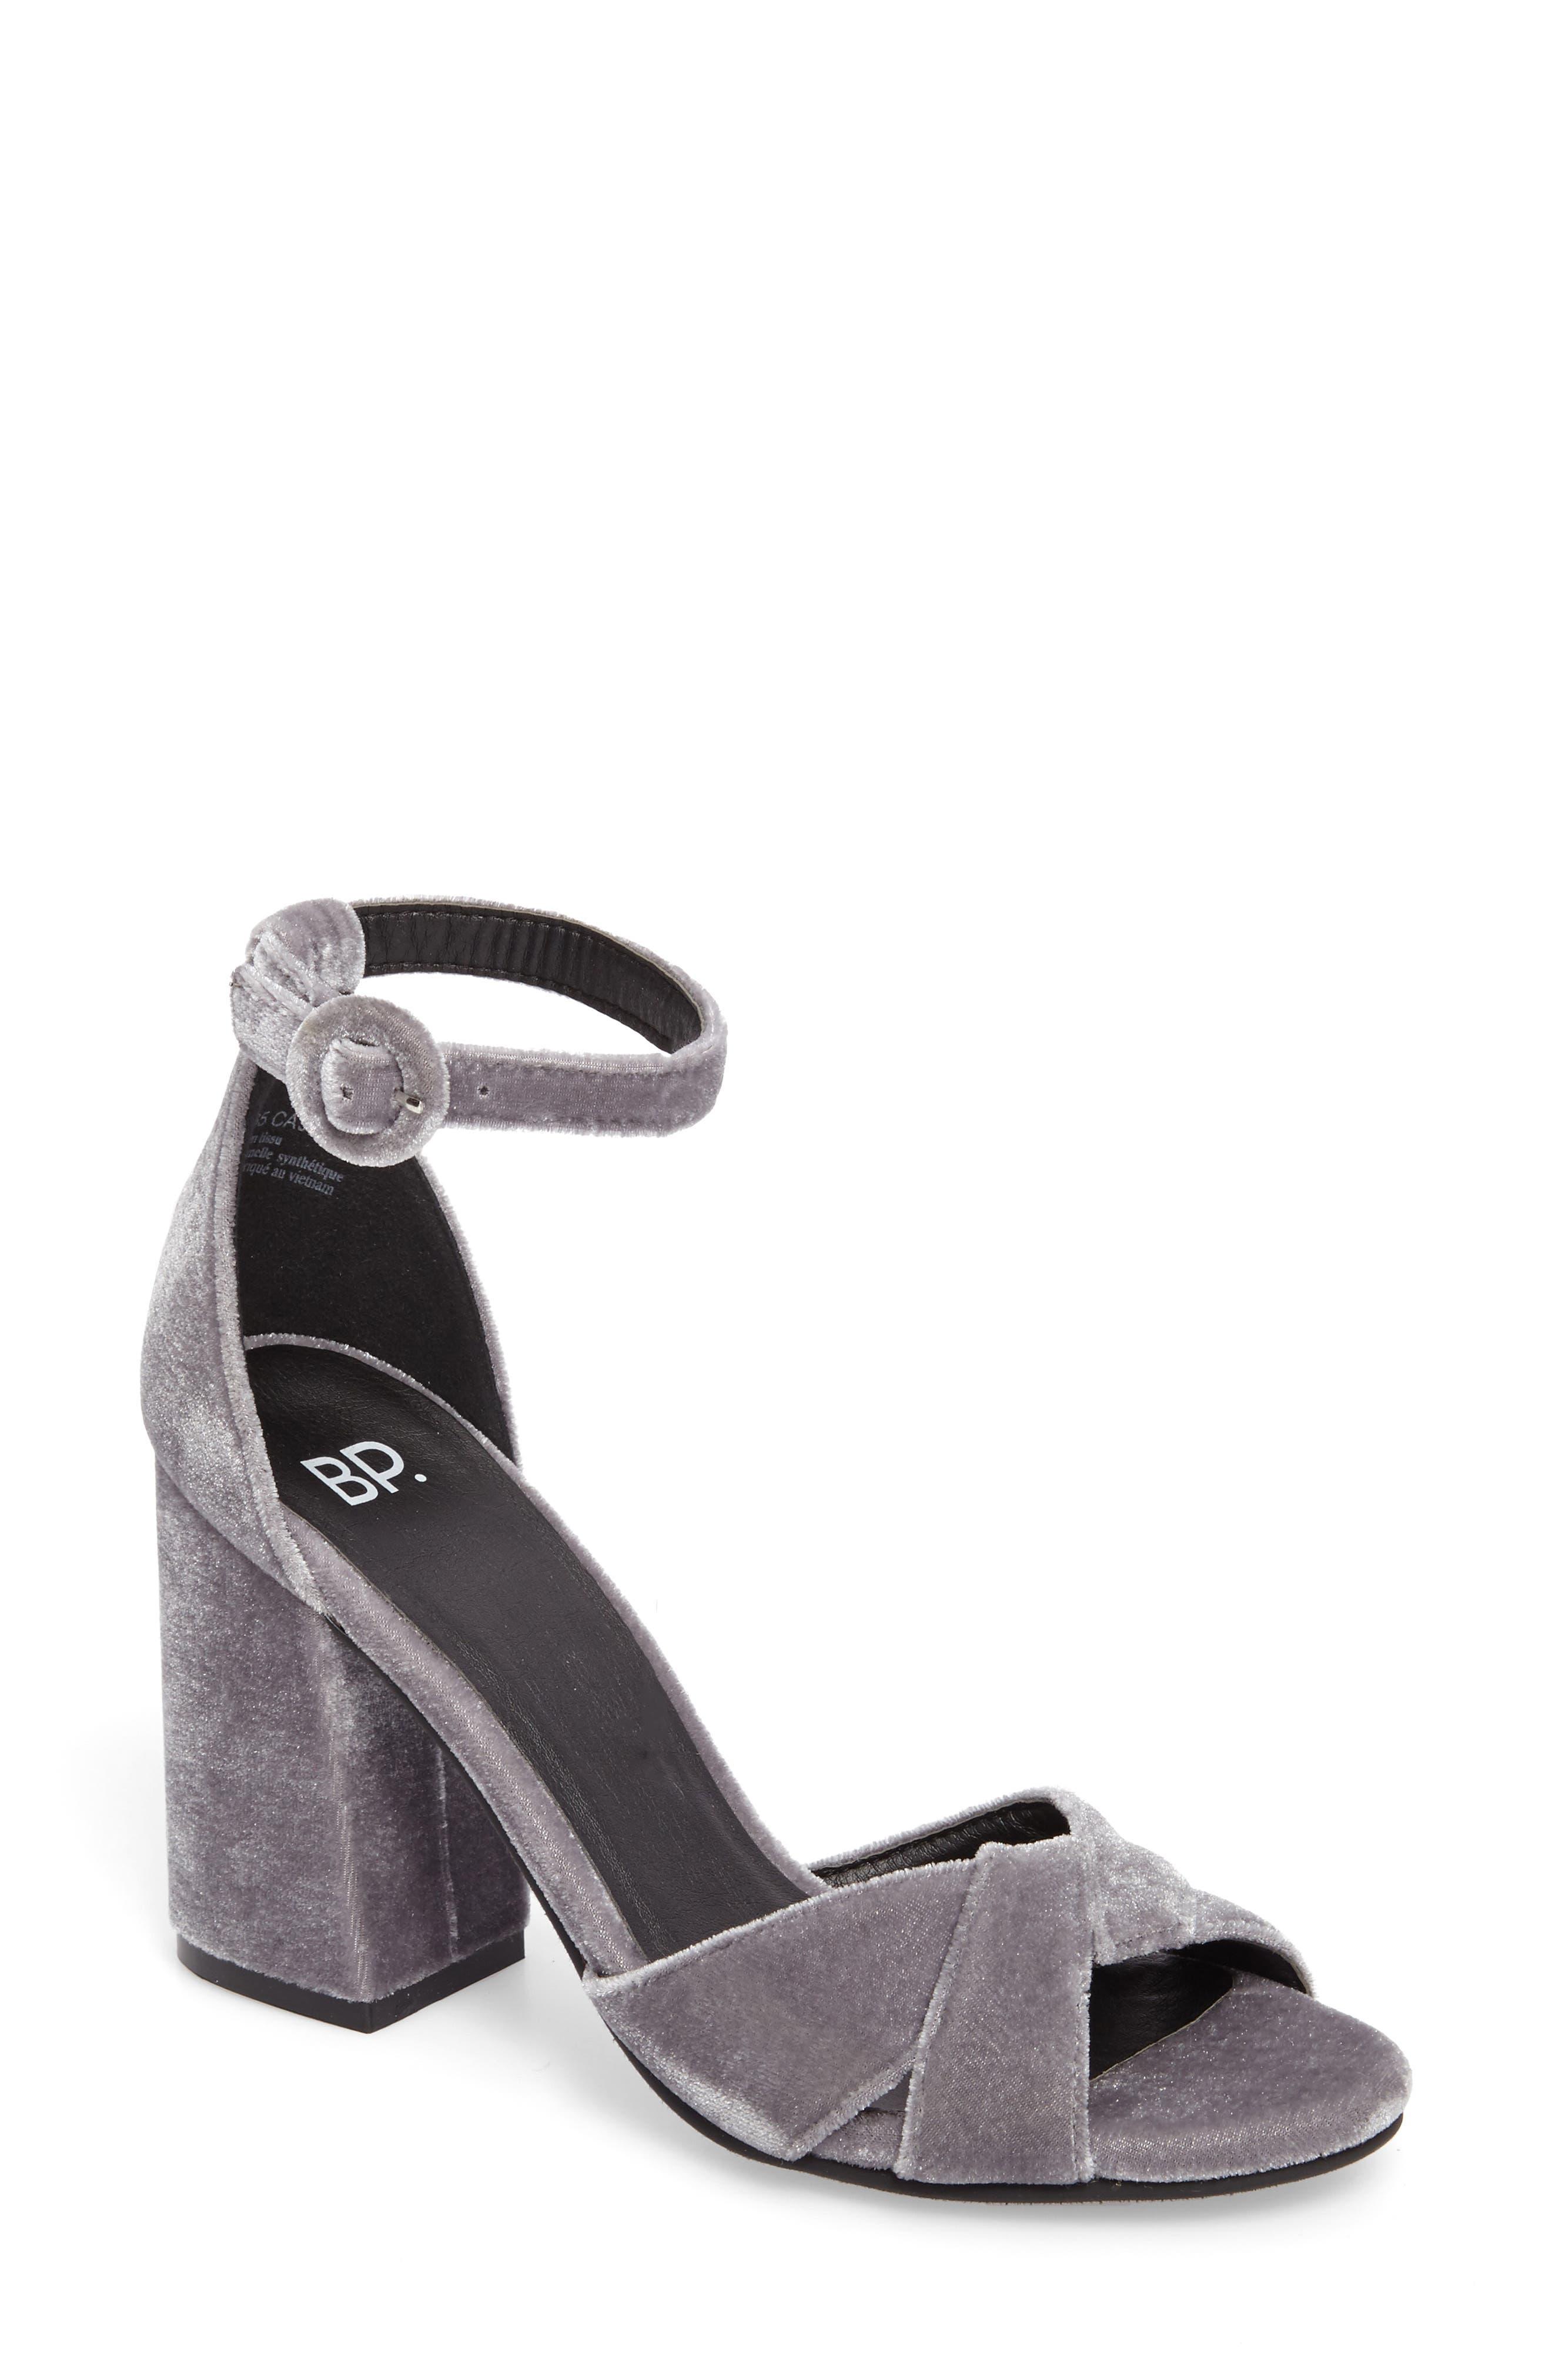 BP Casey Ankle Strap Sandal,                             Main thumbnail 2, color,